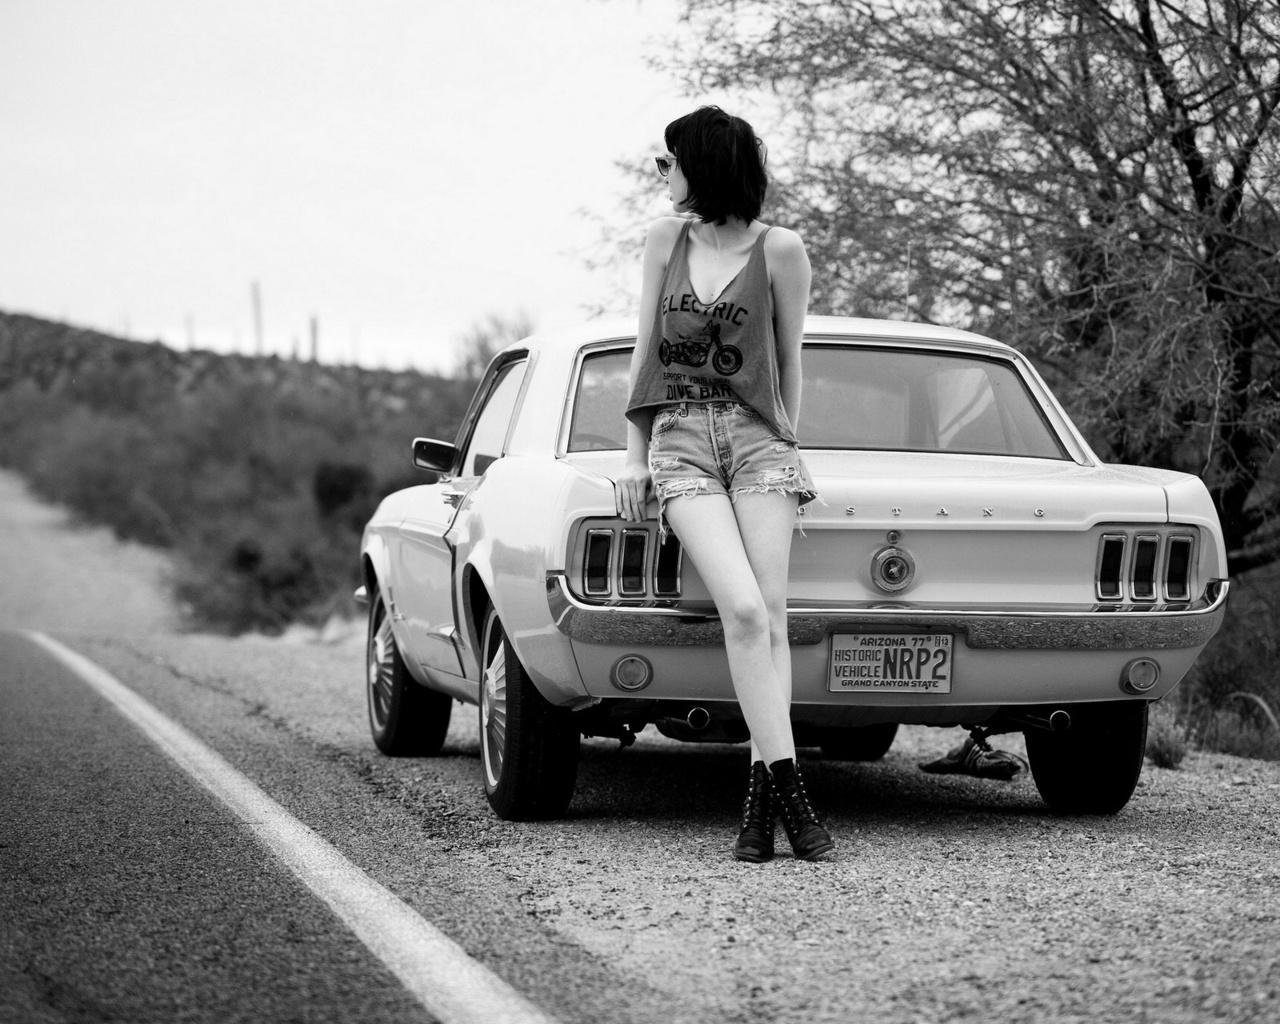 девушка, авто, шоссе, монохром